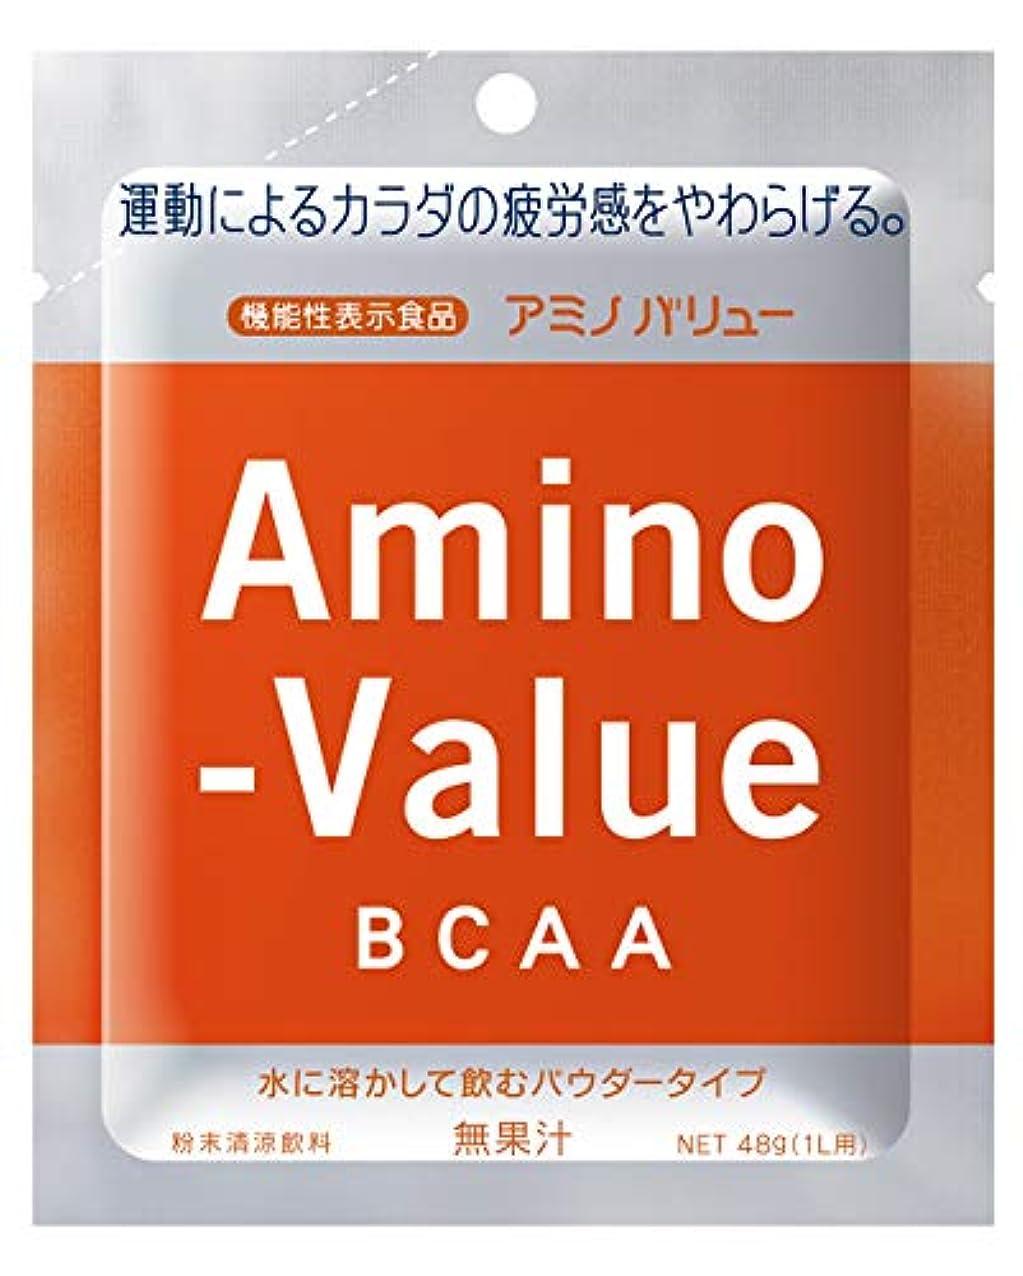 気絶させるスリル引用大塚製薬 アミノバリュー BCAA パウダー8000 1L用 (48G)×5袋×20箱 [機能性表示食品]